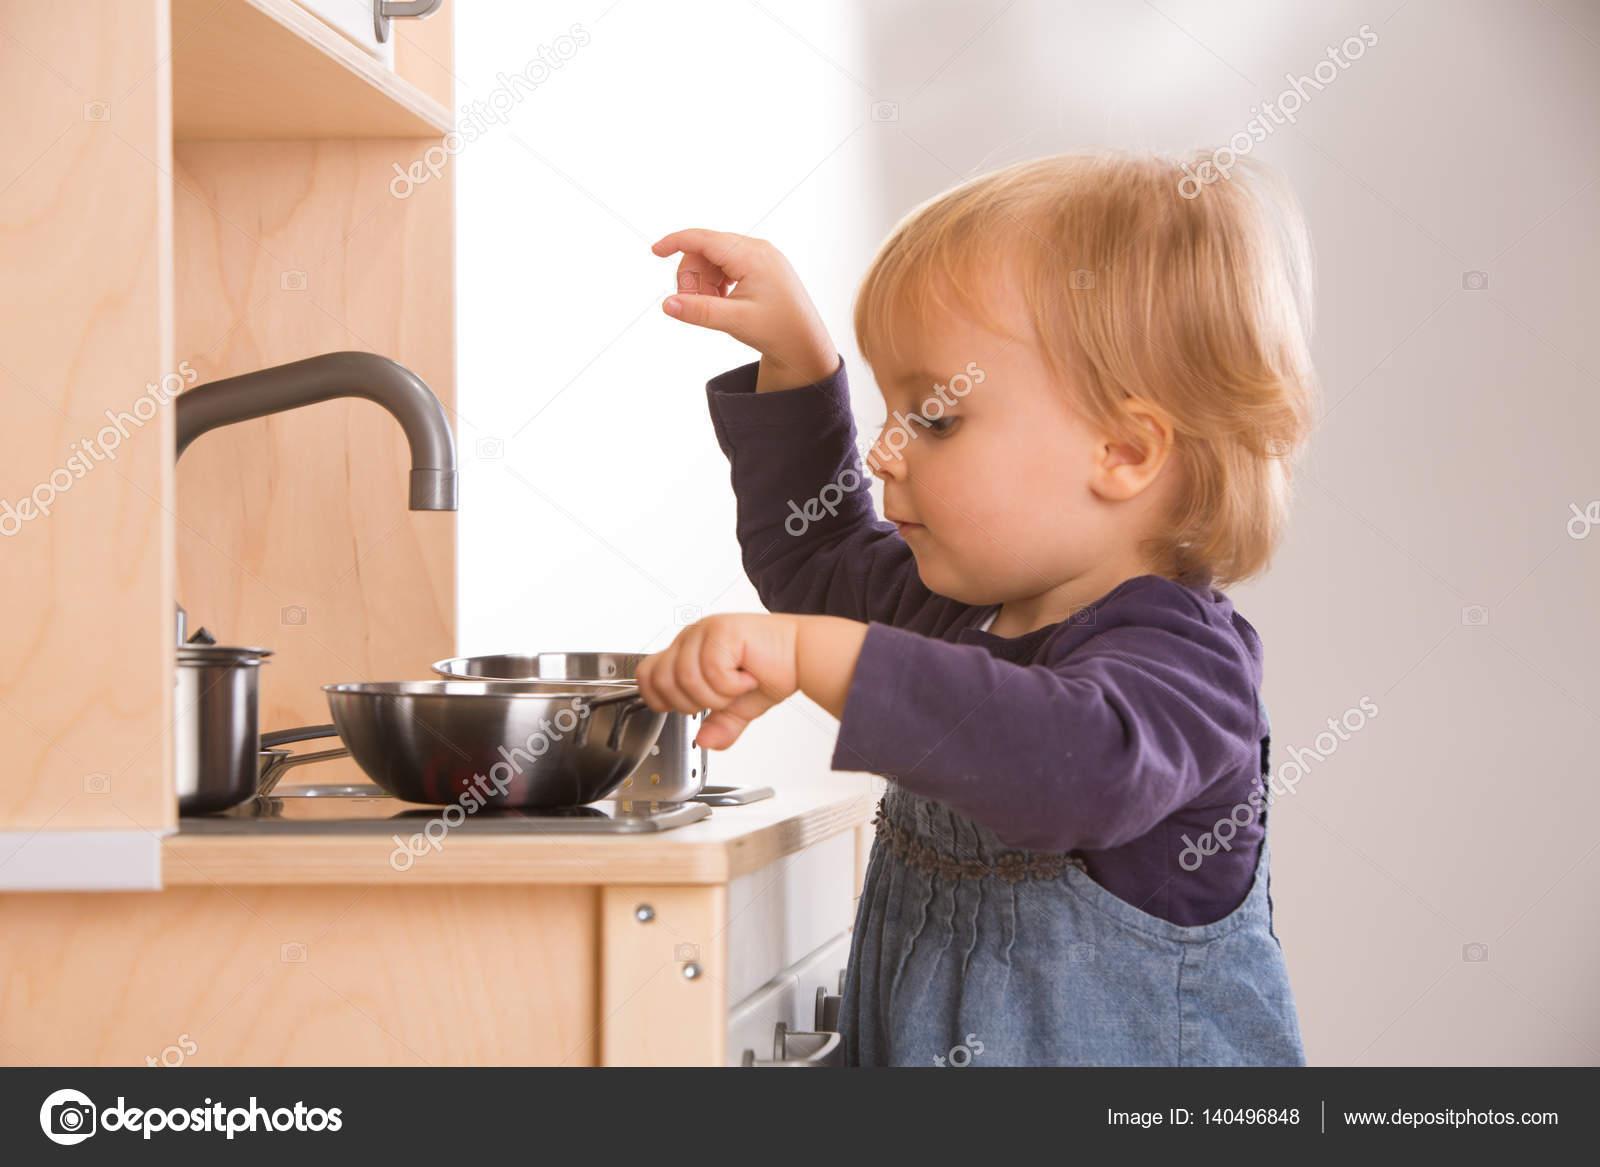 Jugar A Cocinar | Hija De Familia Chica Jugar Cocinar En Cocina De Juguete Foto De